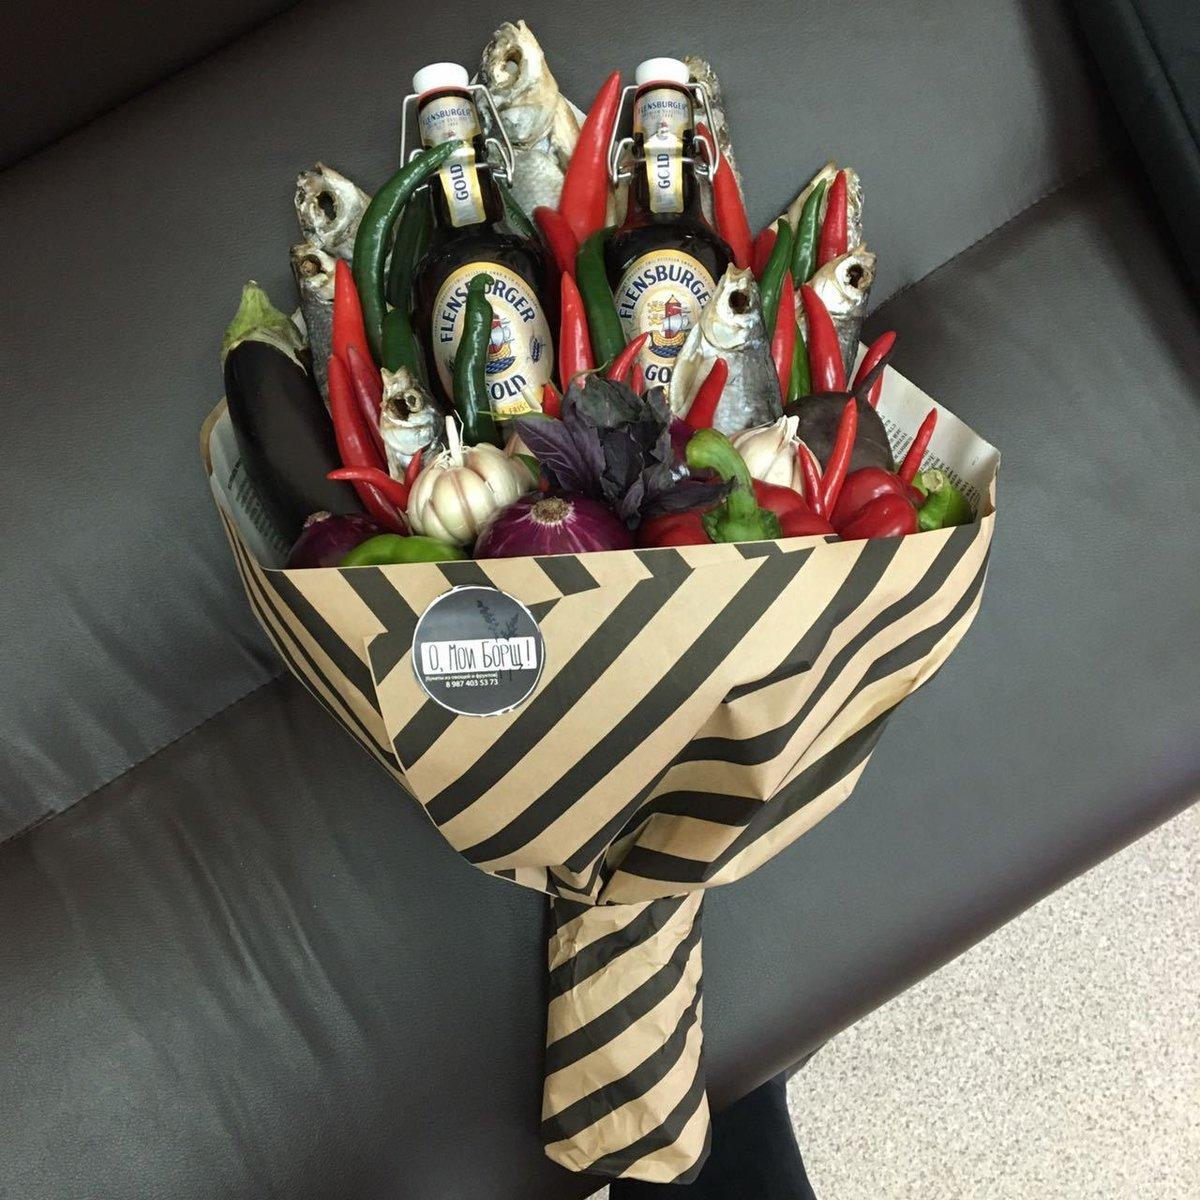 23 февраля, торты из пива подарок мужчине парню ВКонтакте 37